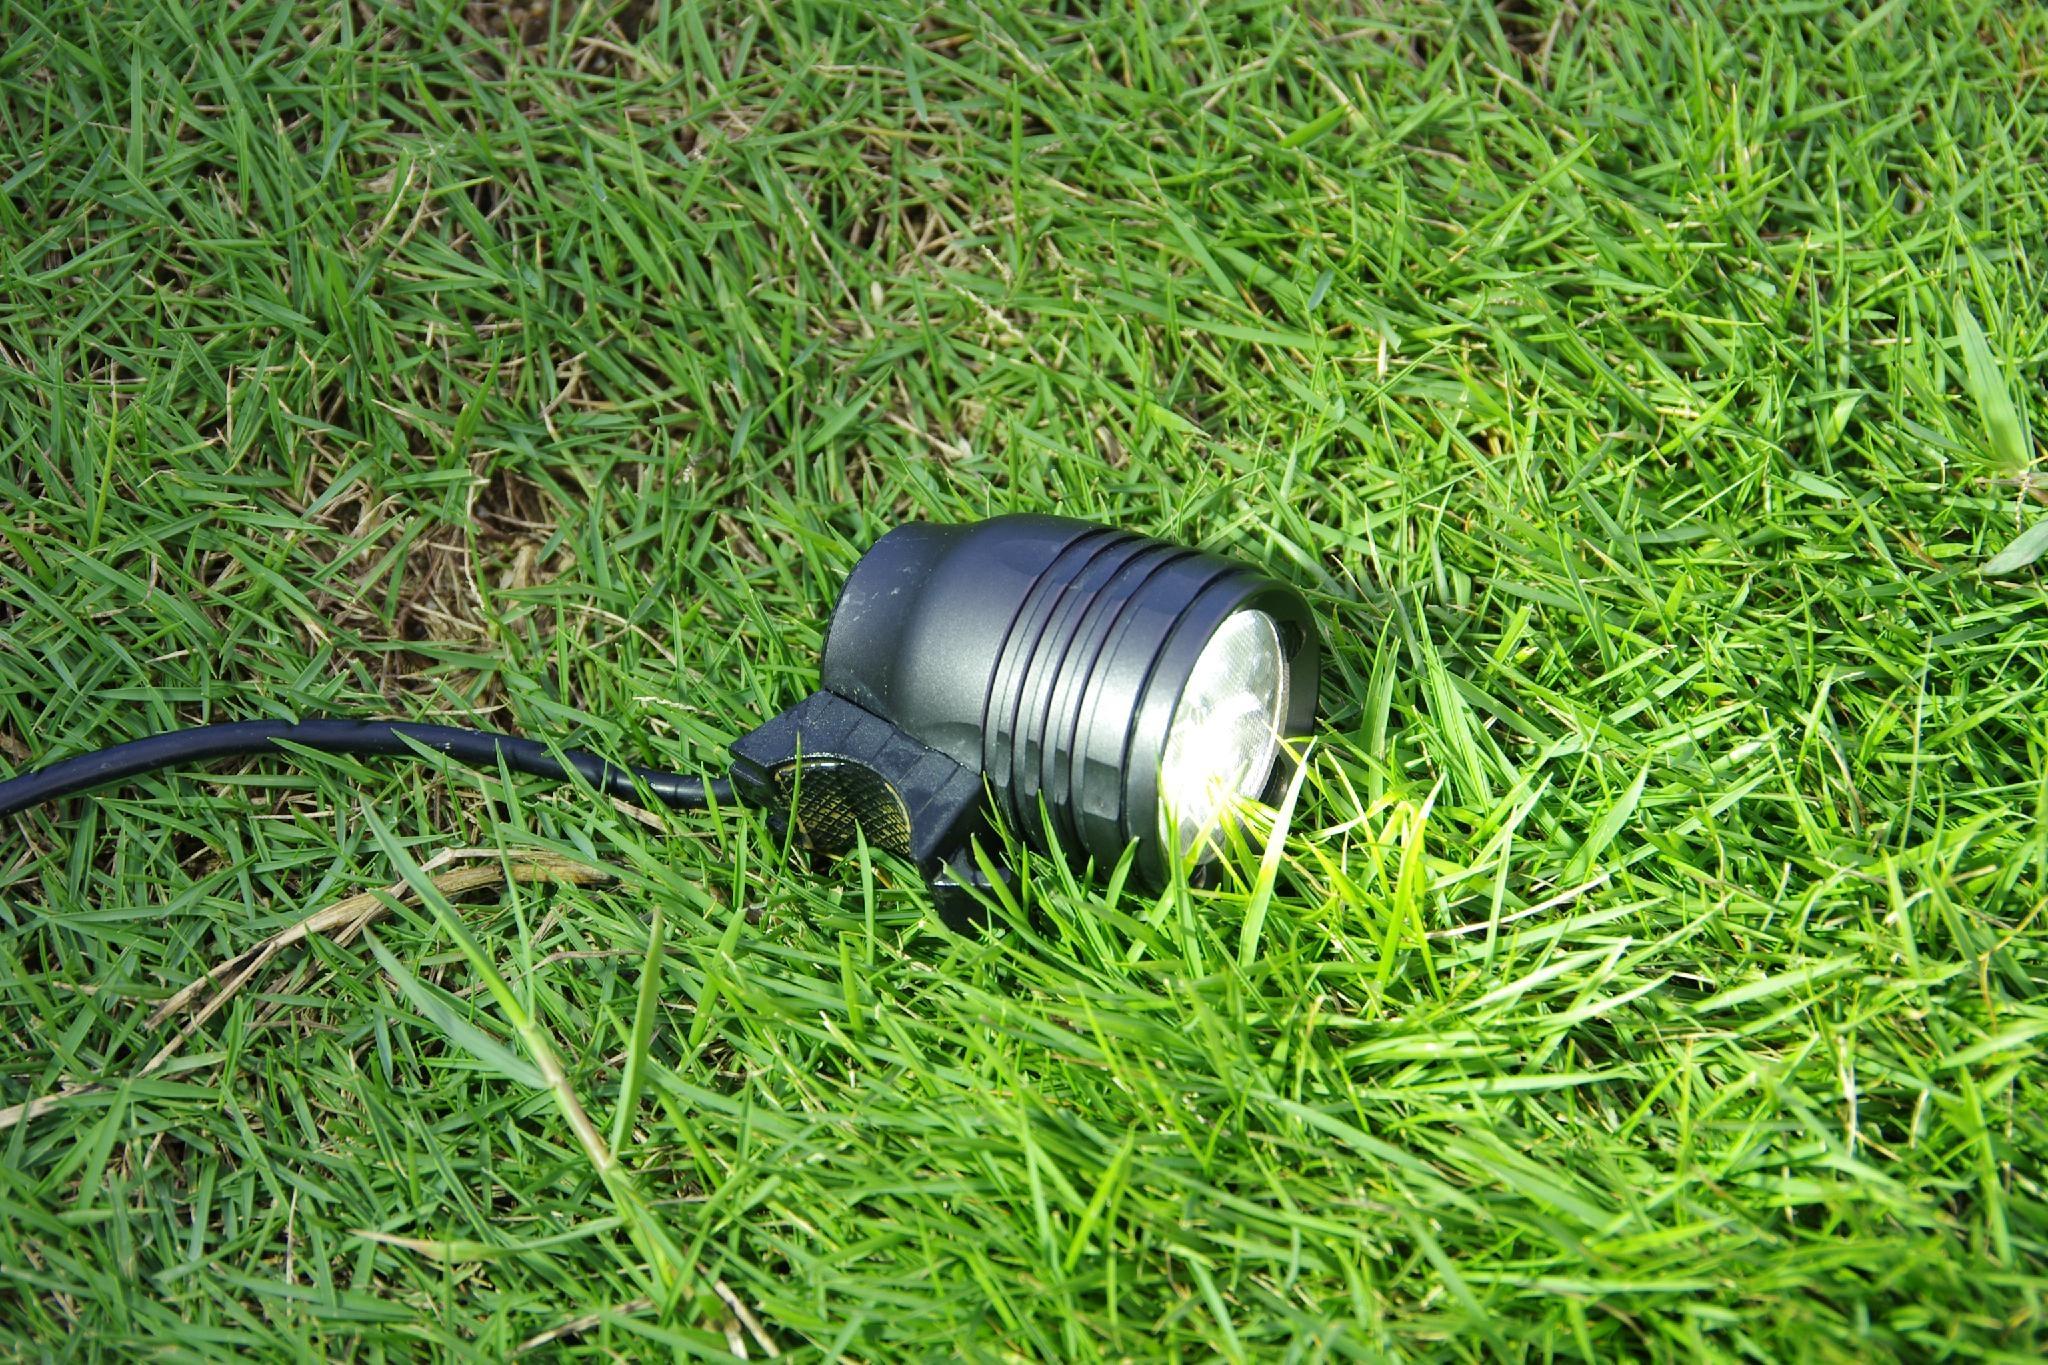 Pro mountain cycle light 1900 lumens 5200mAh battery 3